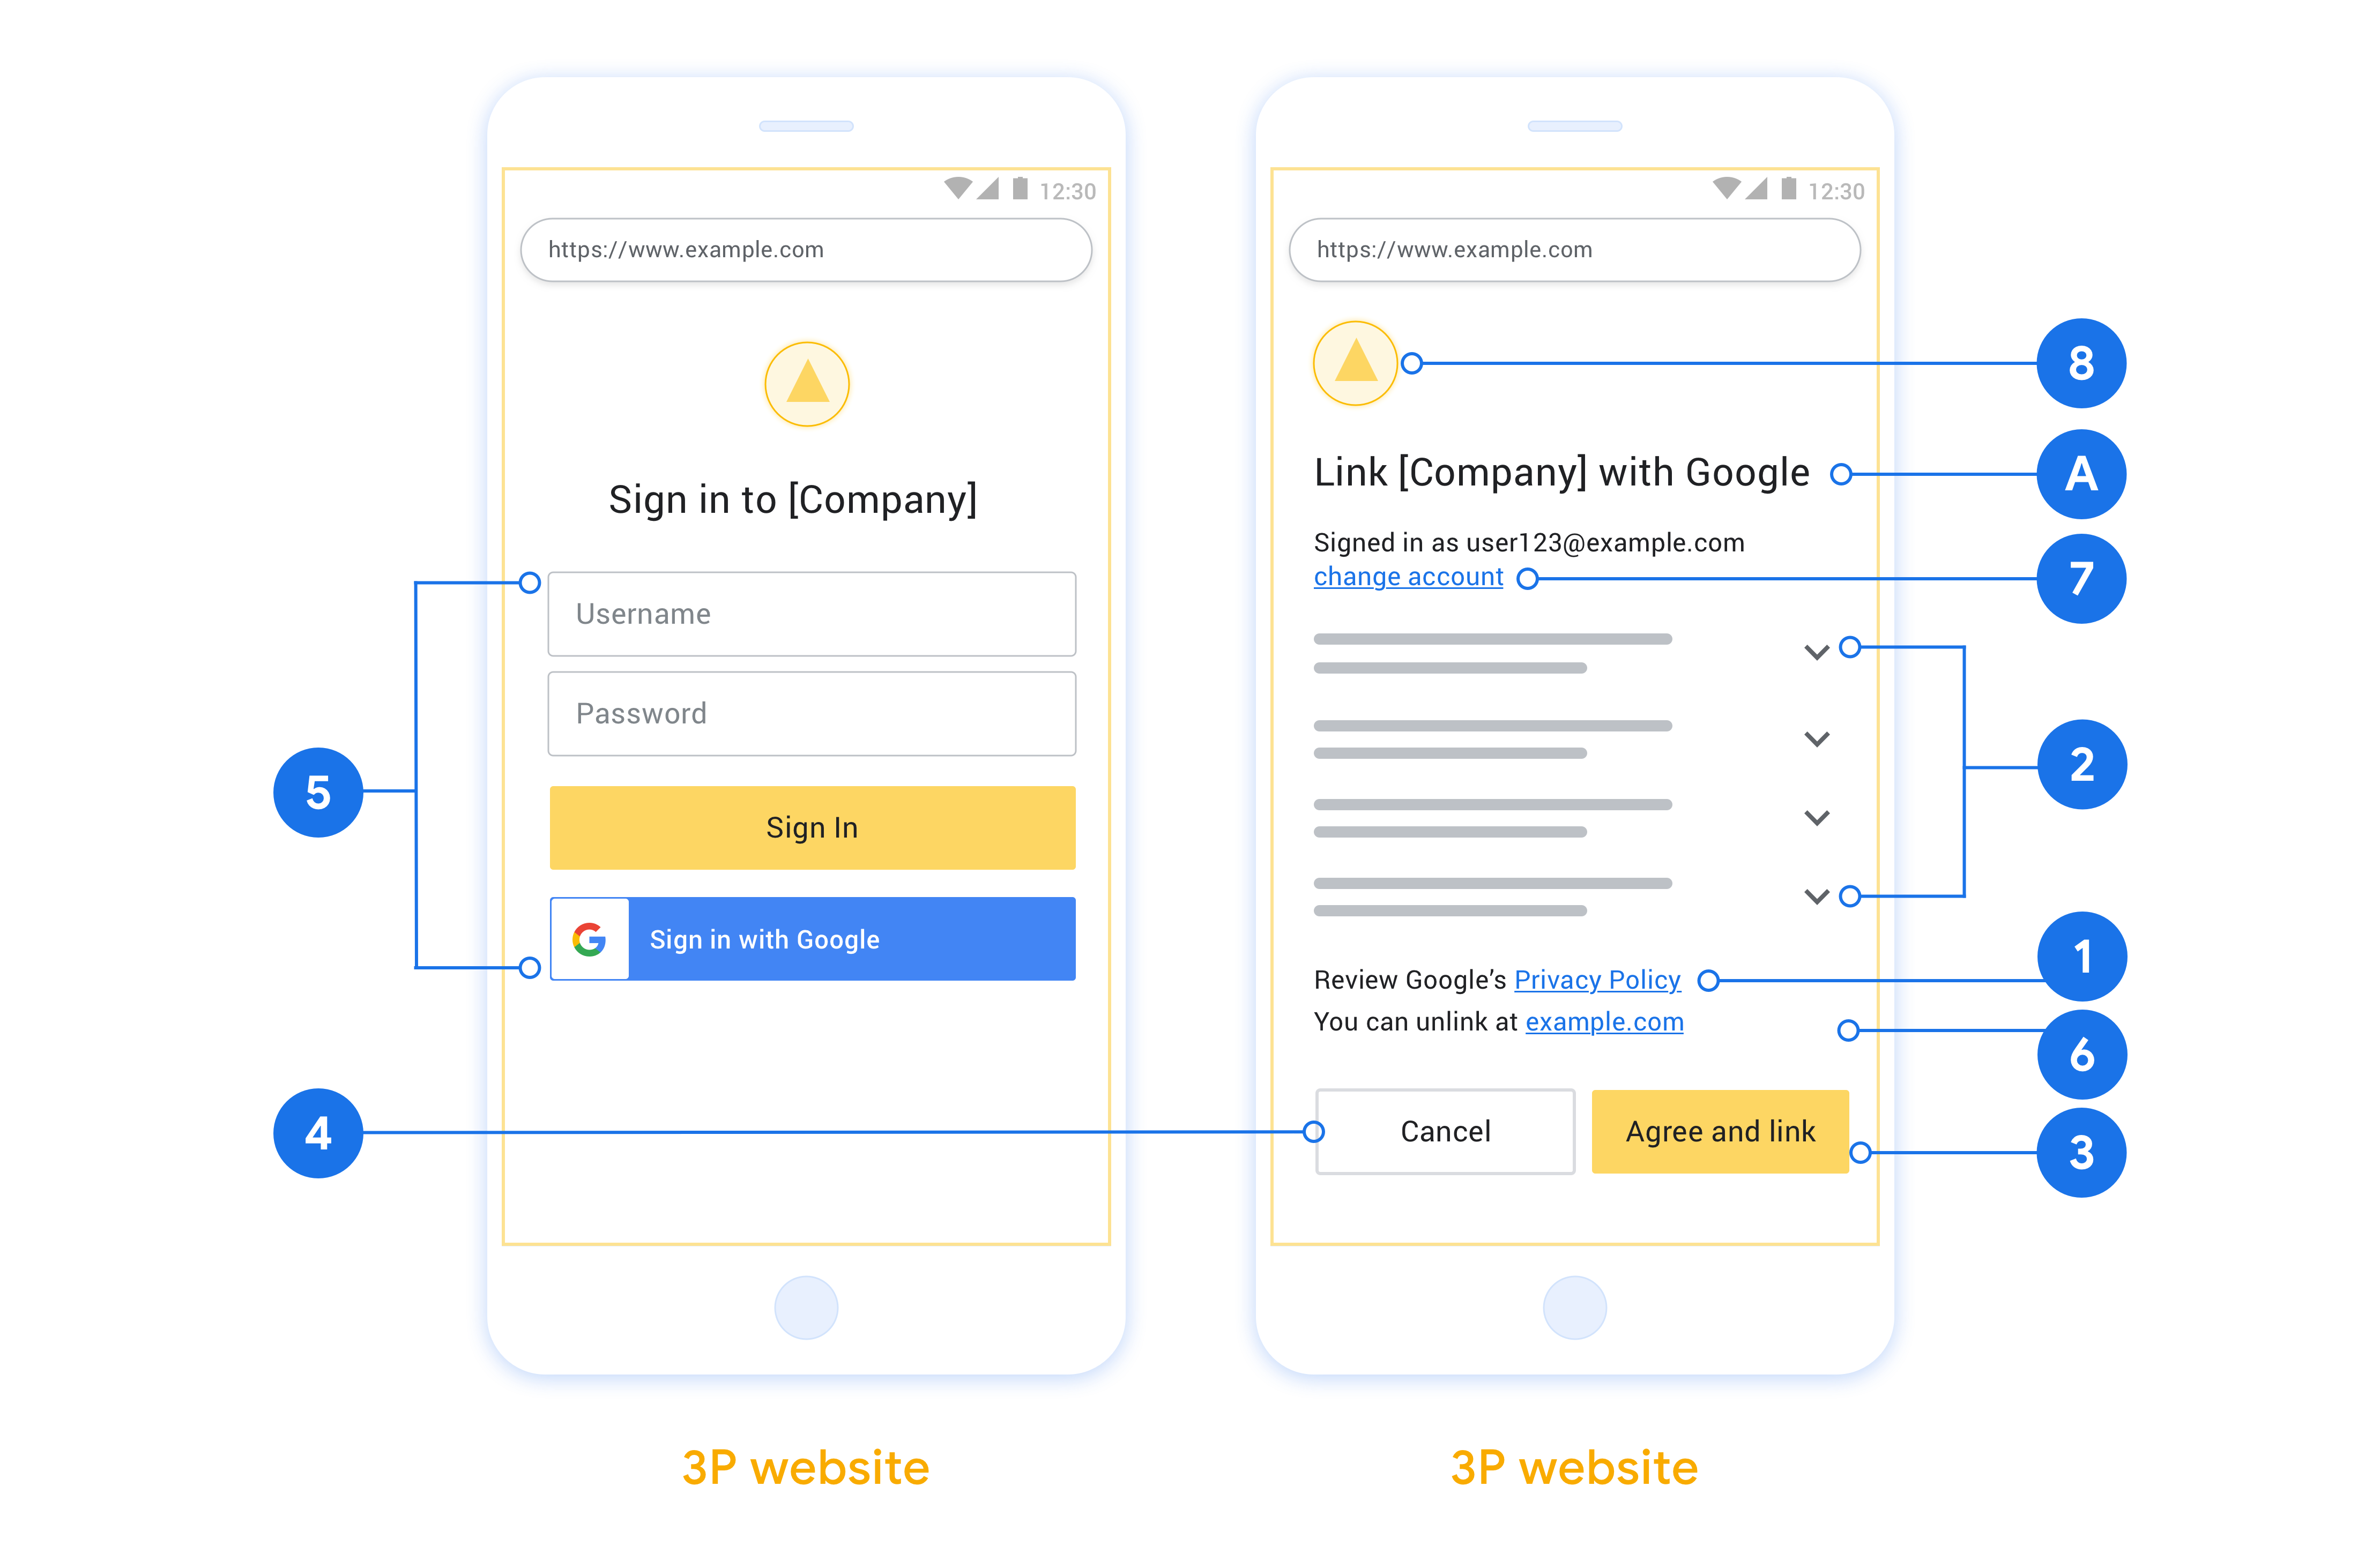 Bu şekil, bir kullanıcı oturum açma ve izin ekranı tasarlarken izlenecek bireysel gereksinimlere ve önerilere ilişkin çağrılarla örnek kullanıcı oturum açma ve izin ekranlarını gösterir.